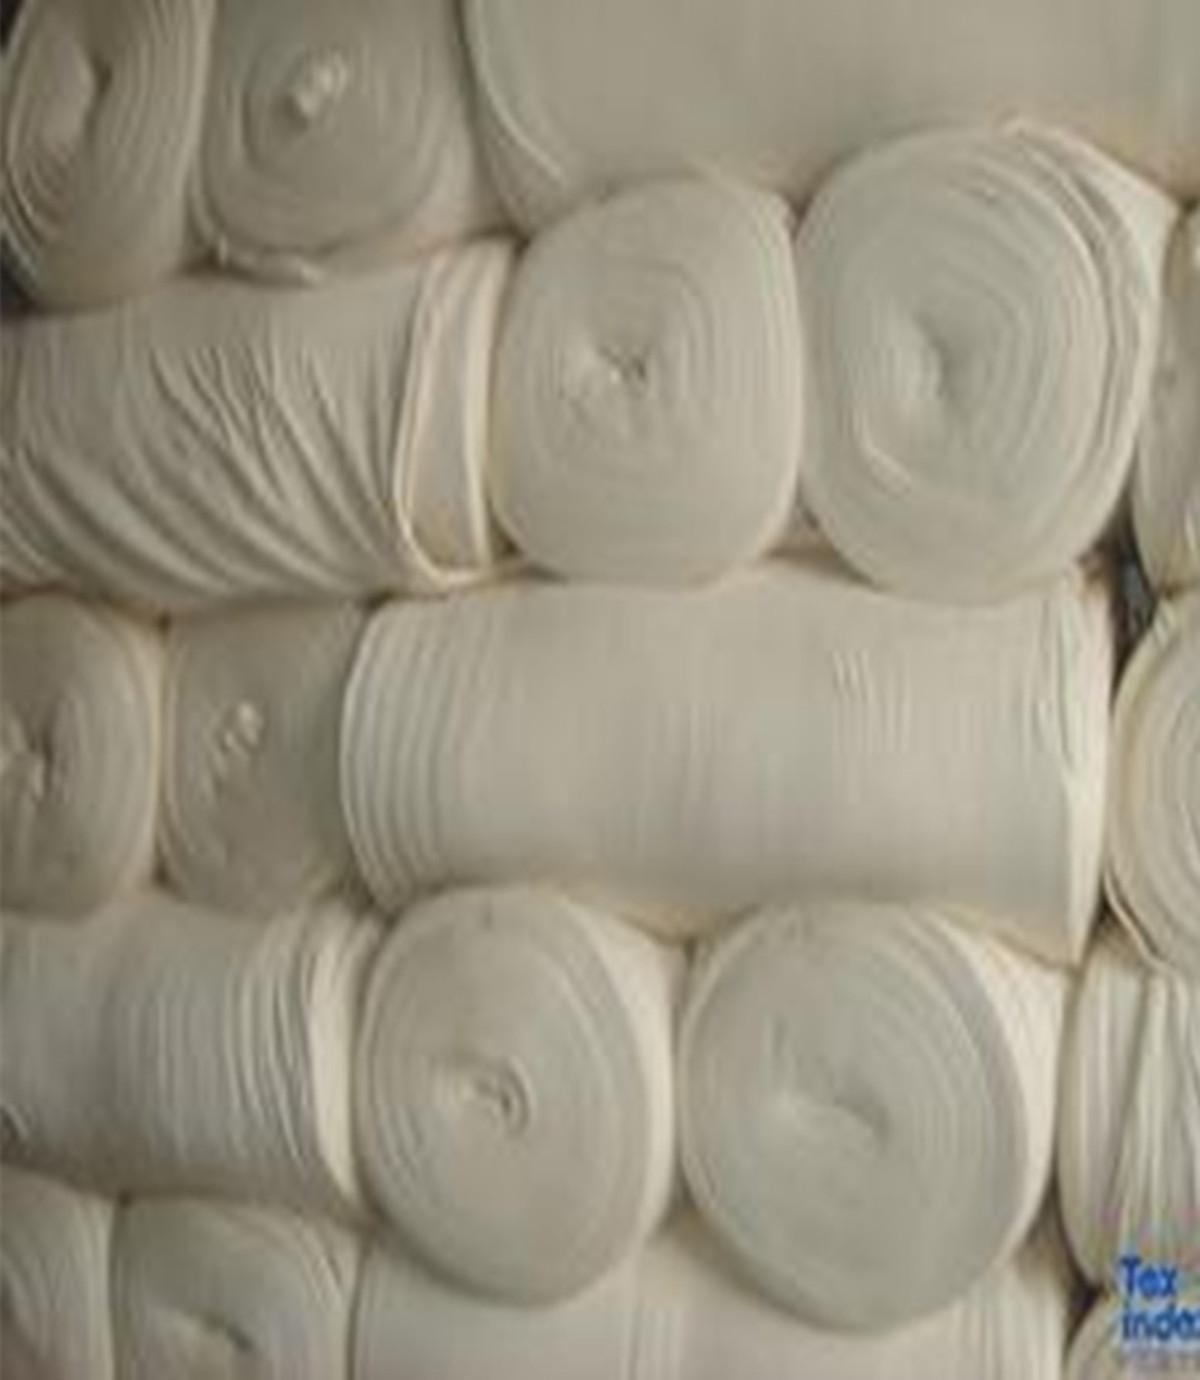 HAITIAN Vải mộc pha Cotton-polyester pha vải cotton 60% polyester 40% CVC pha trộn vải dệt rộng nhà